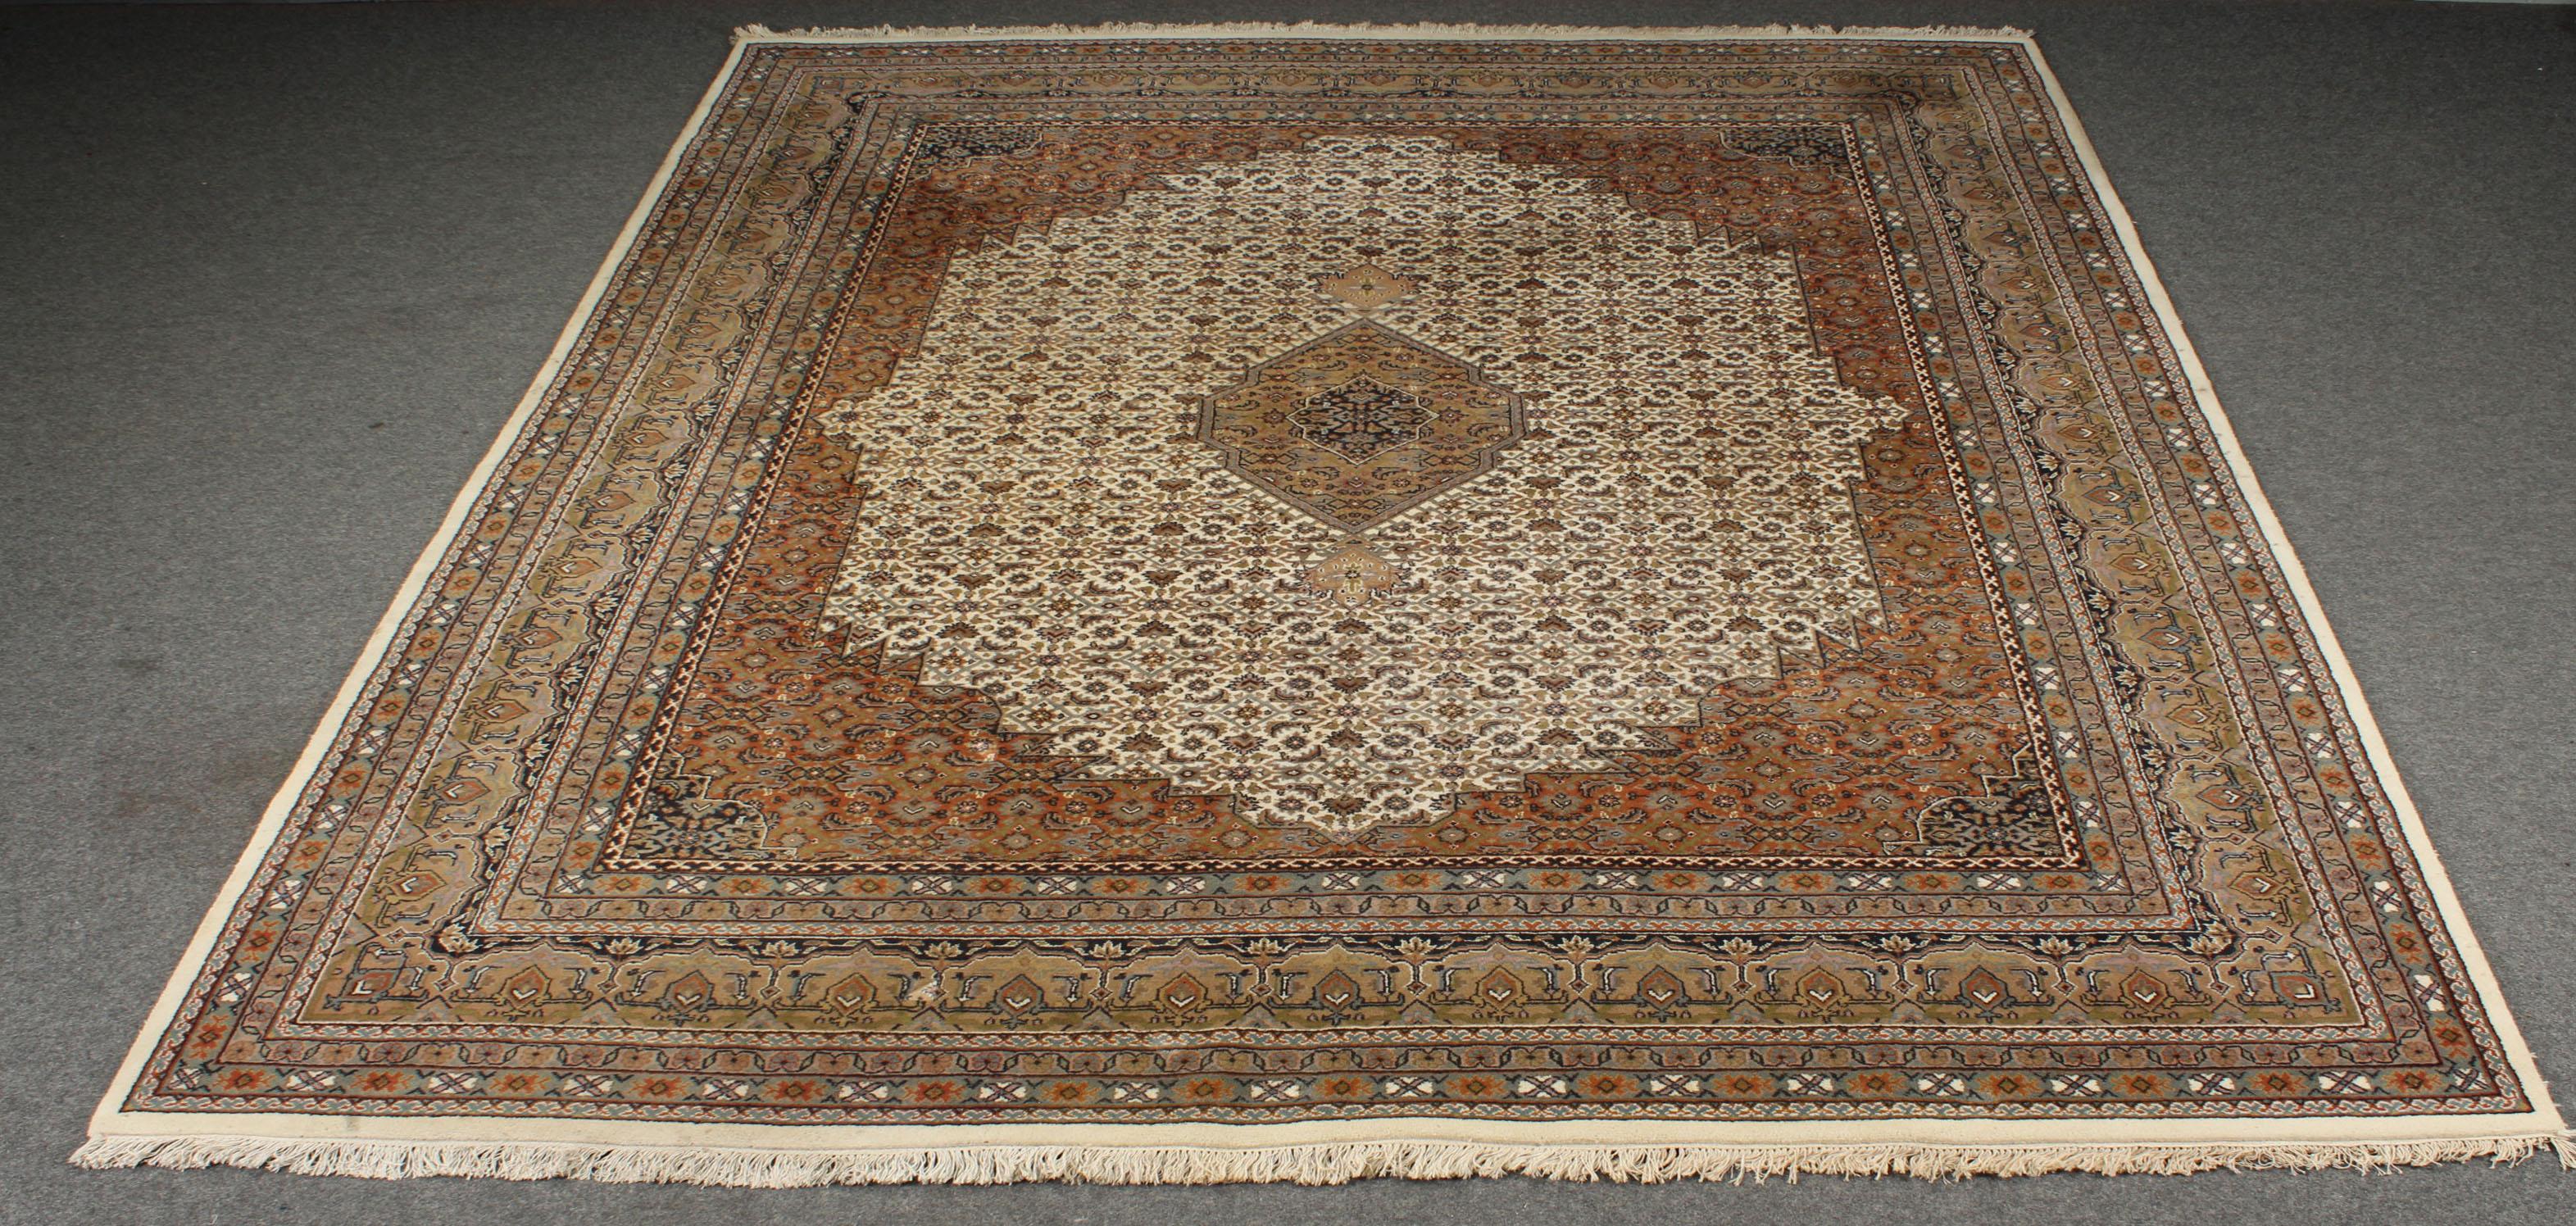 Indo Bidjar tæppe, 295 x 395 cm - Indo Bidjar tæppe, 295 x 395 cm. Håndknyttet tæppe af 100% uld på grundvæv af bomuld. Fremstår med lettere brugsspor